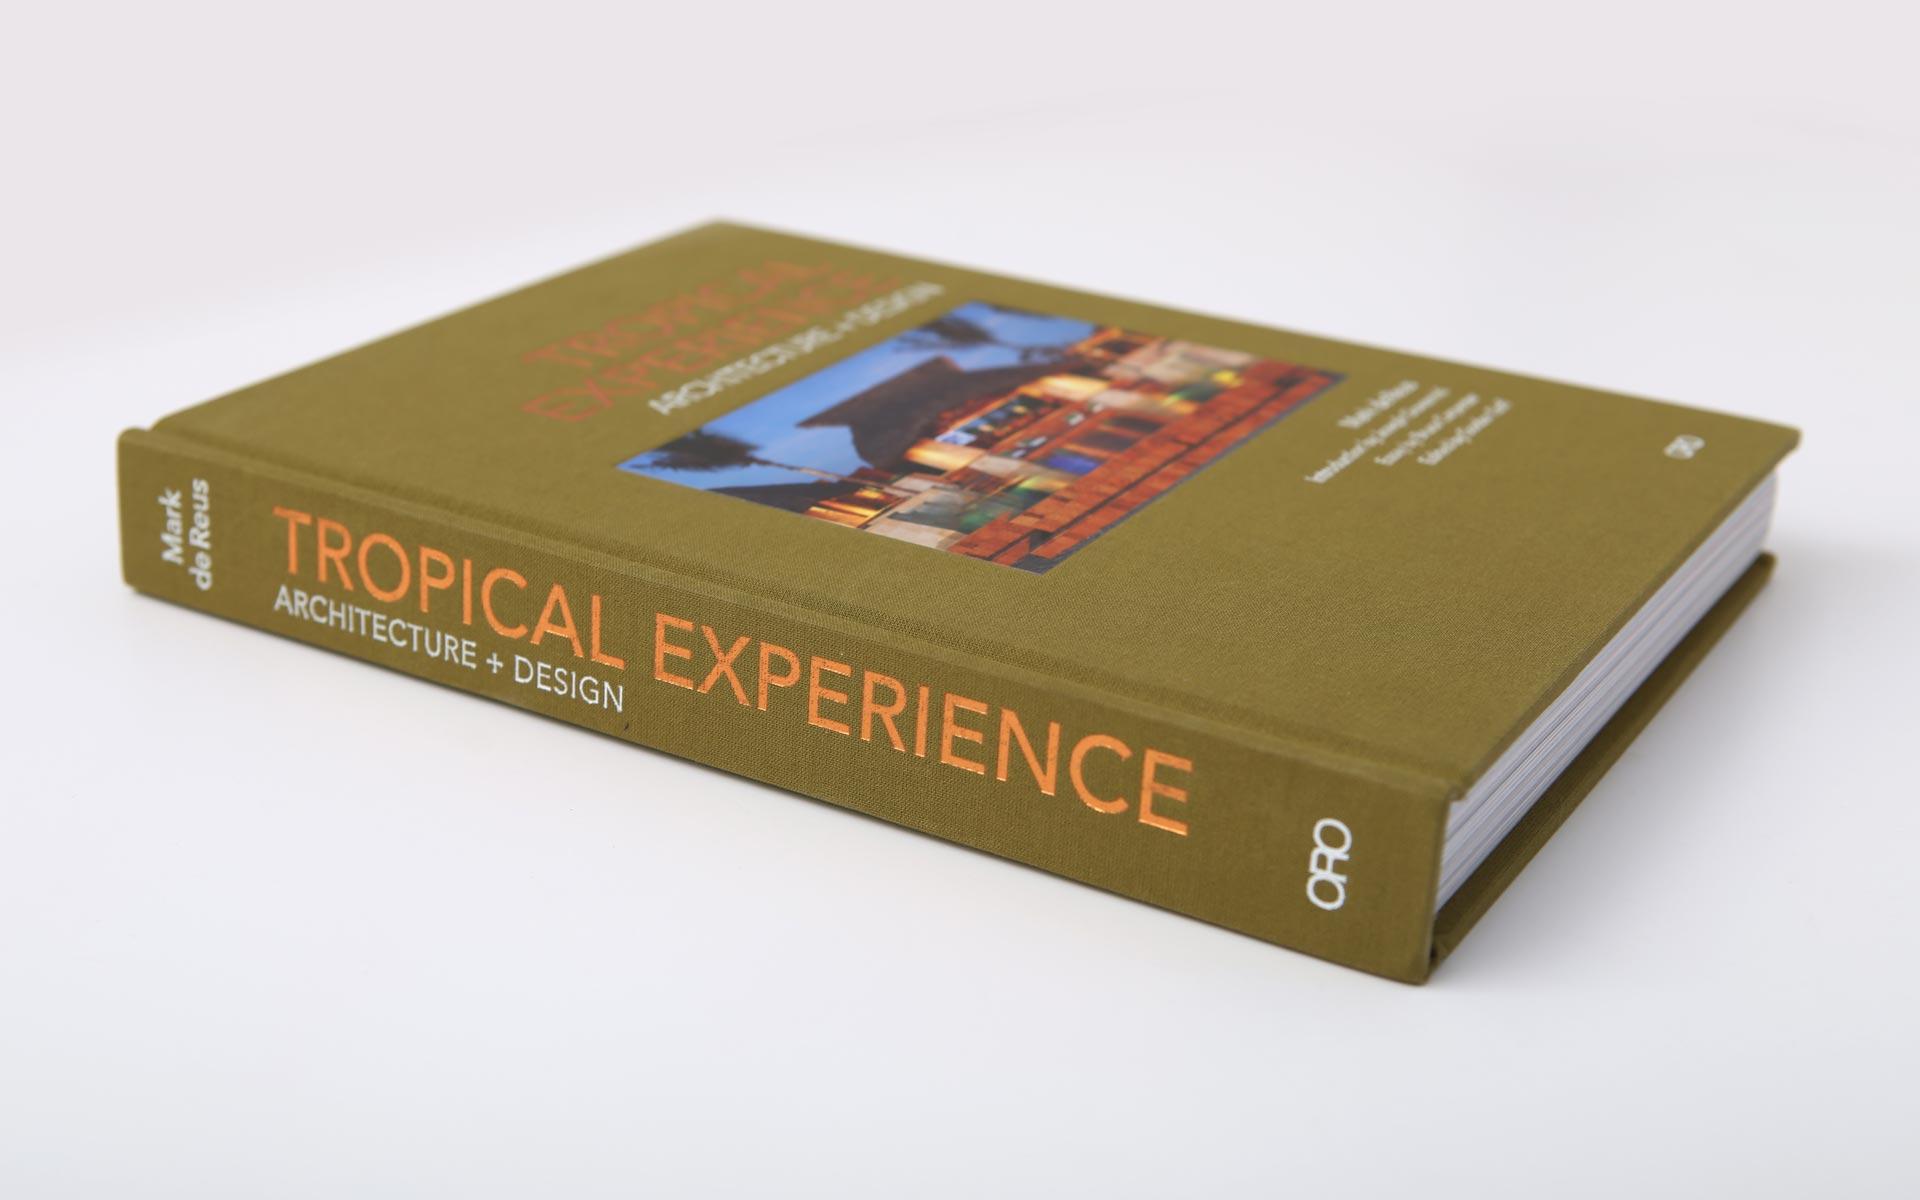 tropical-architecture-book-design-11